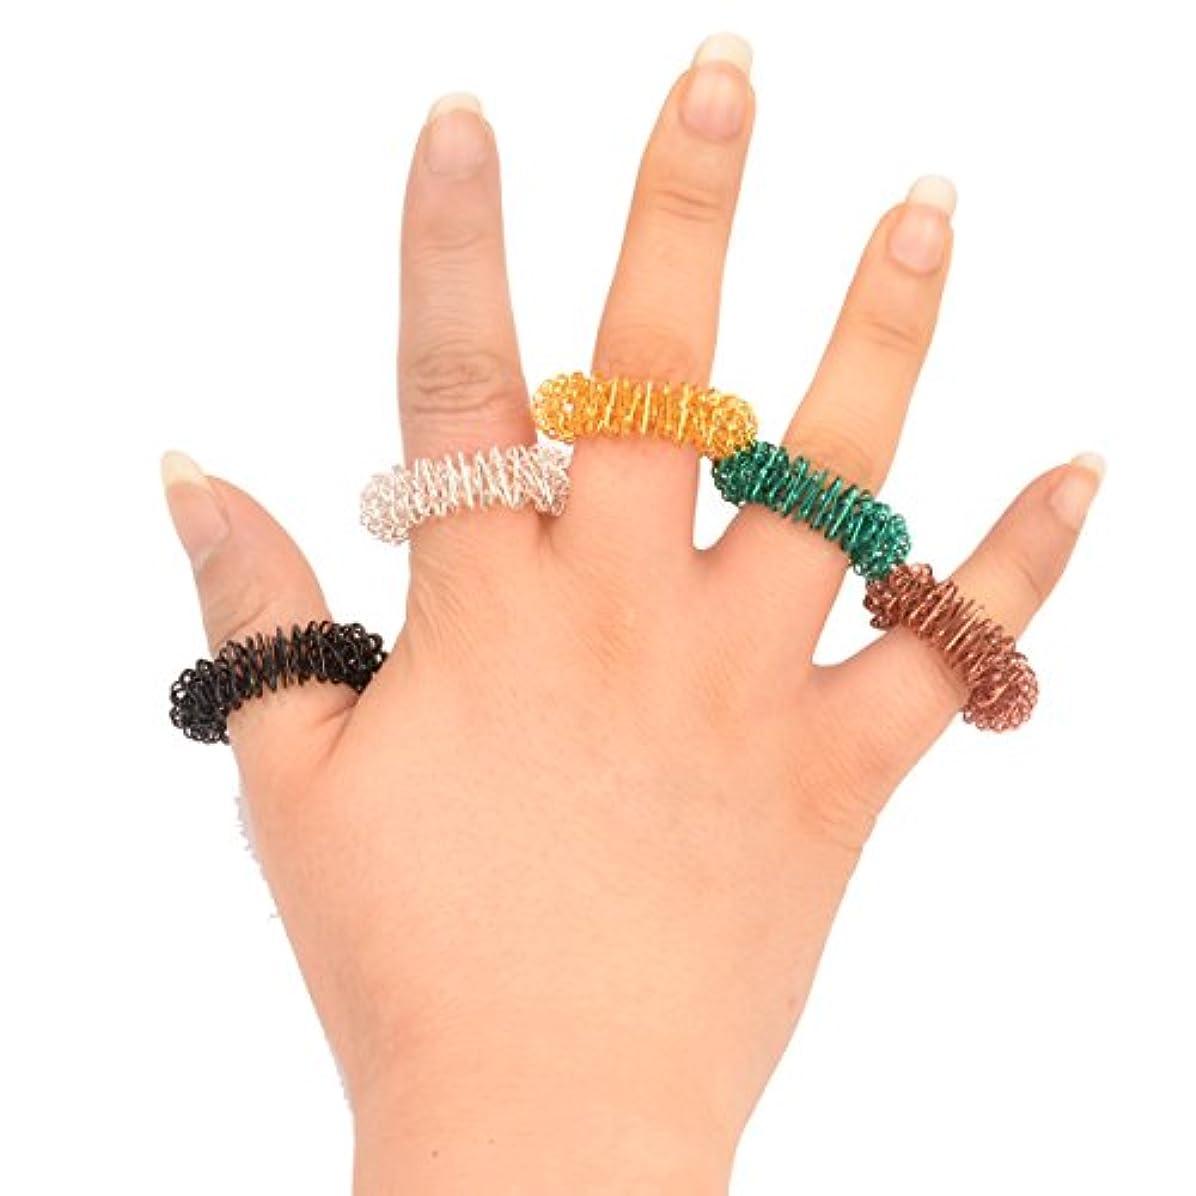 閉じる寂しいフィット(Ckeyin) マッサージリング 5個入り 爪もみリング 色はランダムによって配送されます (5個)